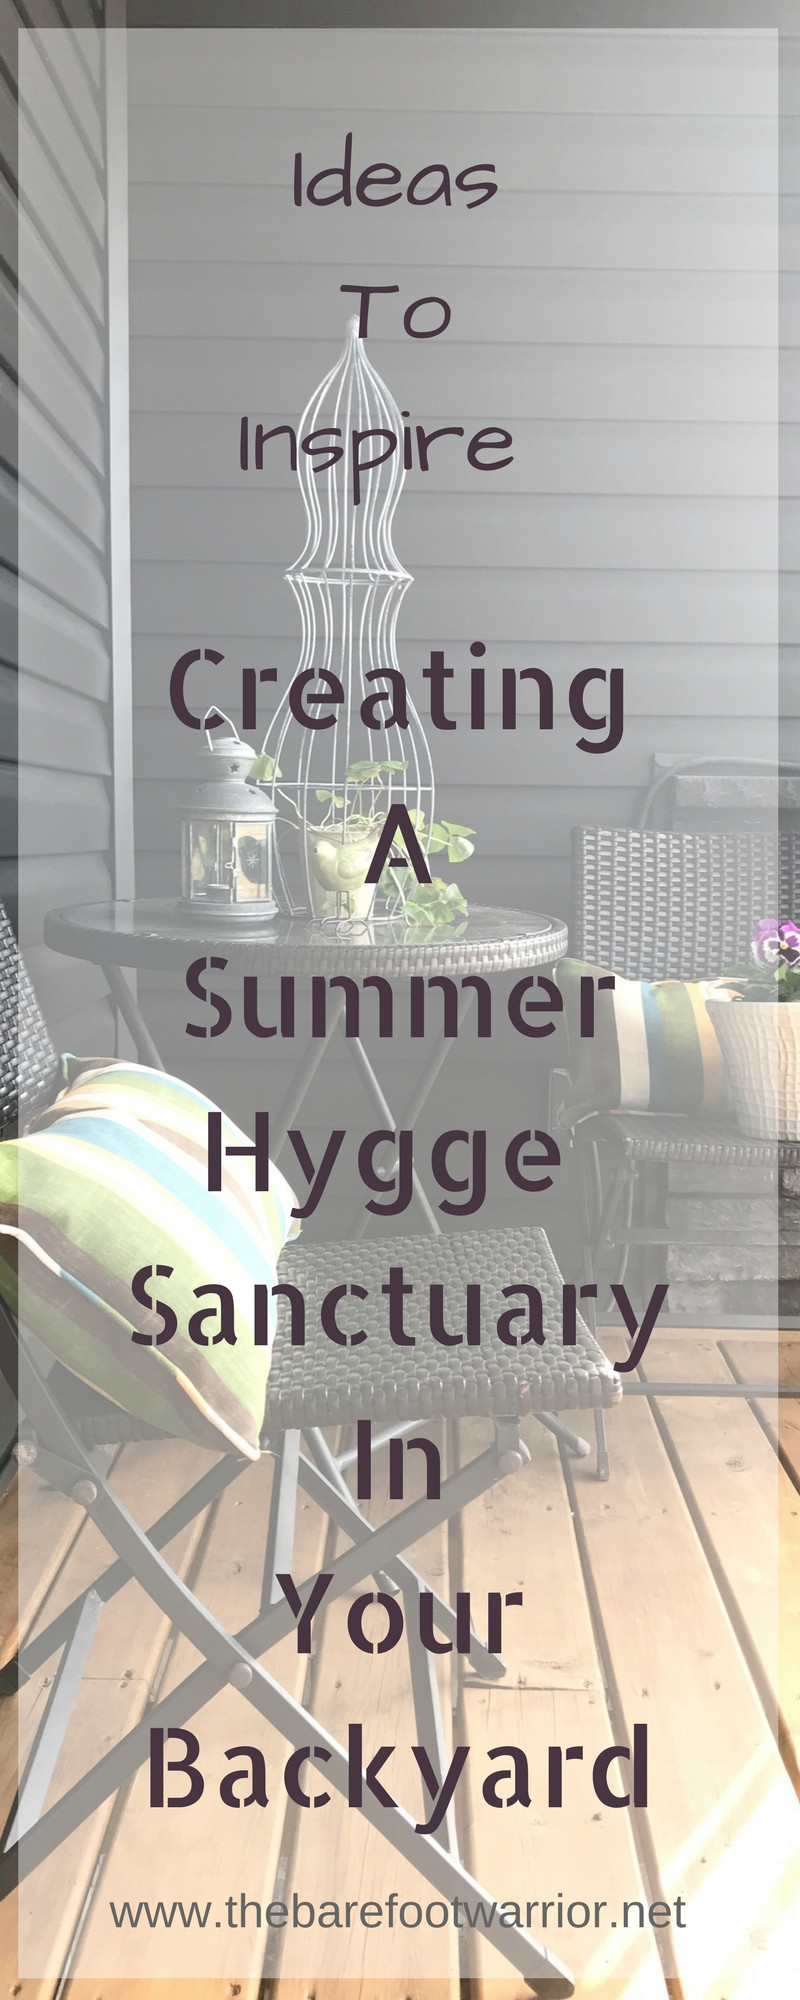 Summer Hygge Backyard Santcuary